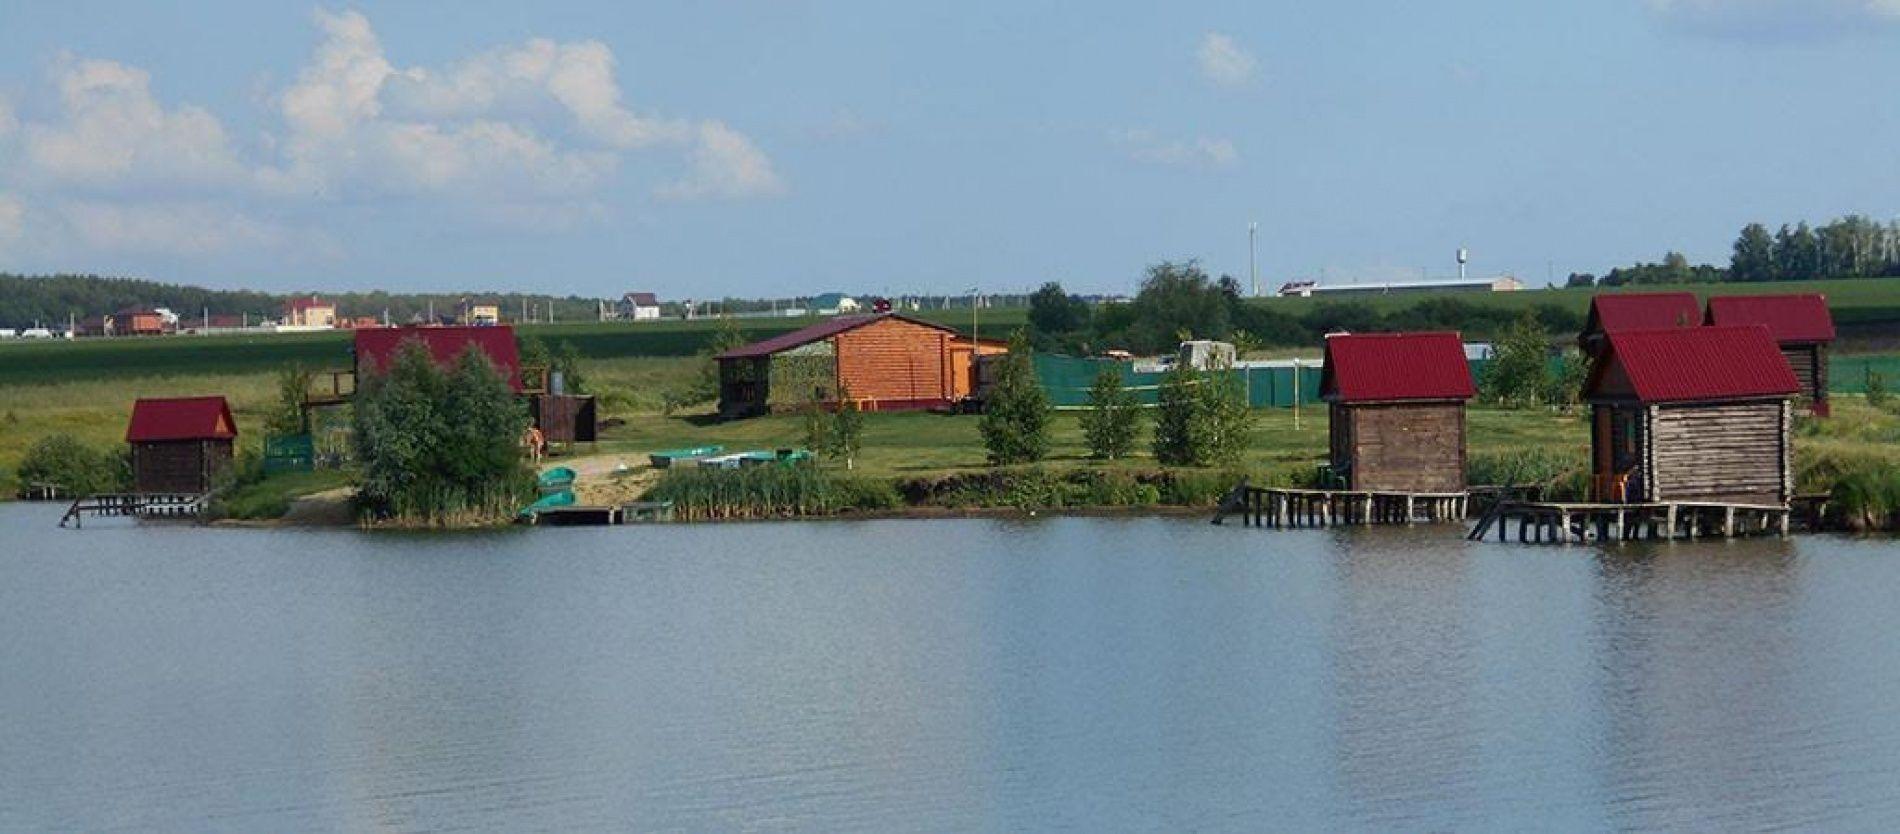 Оздоровительный комплекс «Валяевские озера» Пензенская область, фото 7